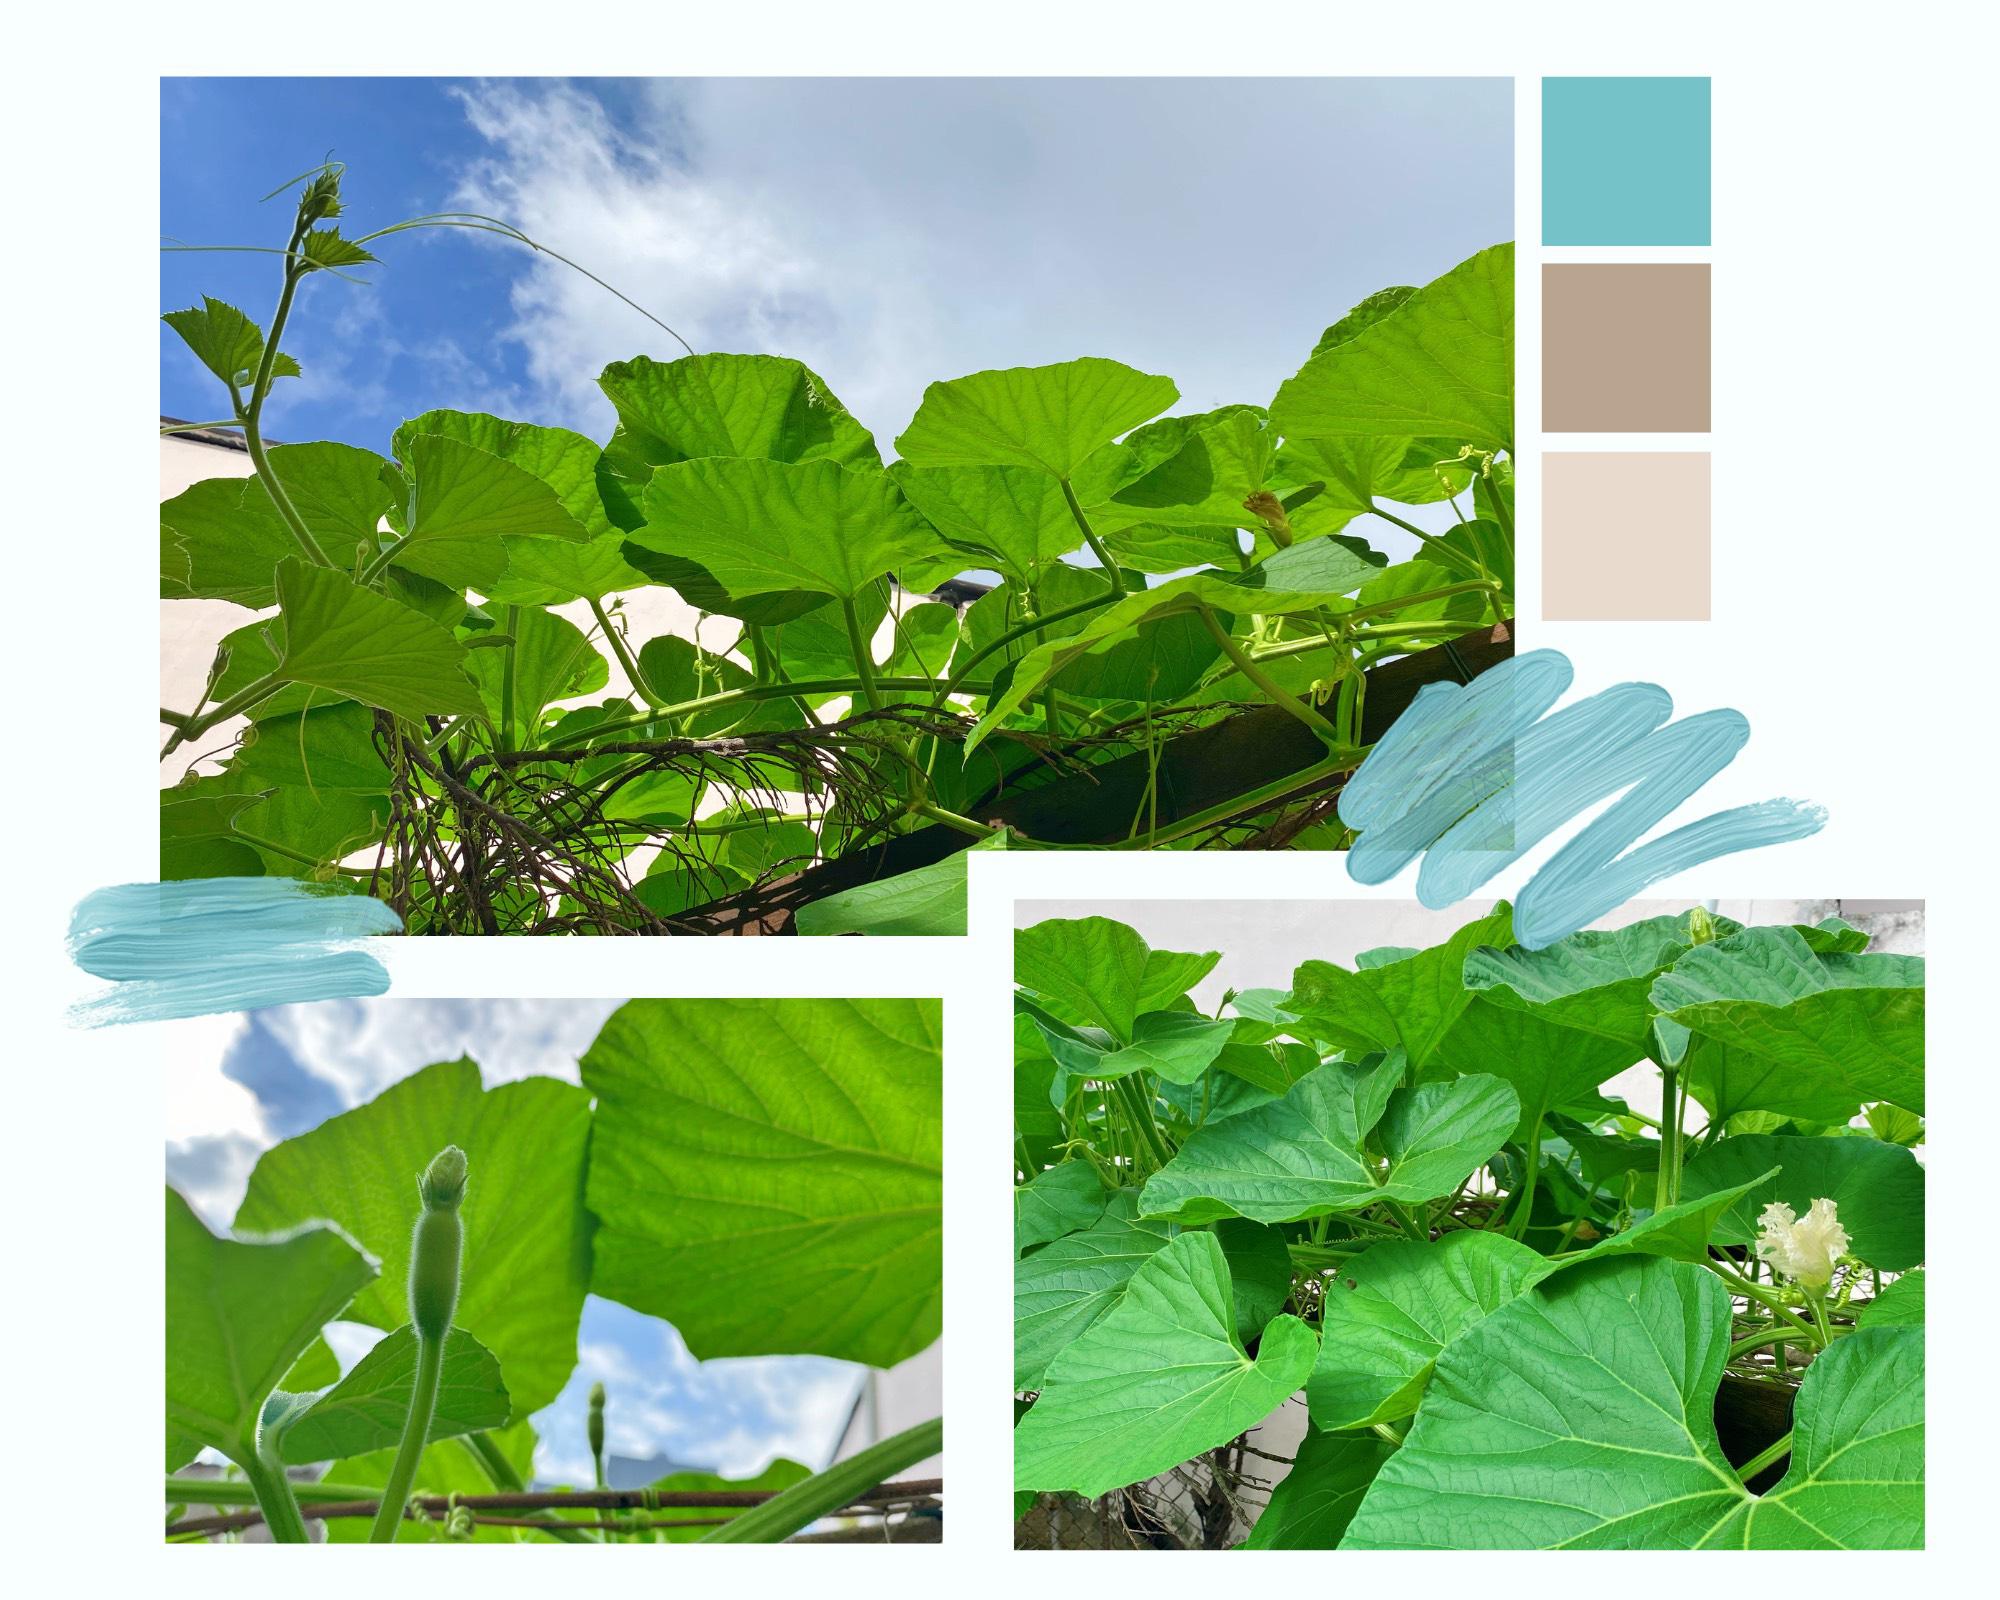 """Giới trẻ Sài Gòn tự trồng cả vườn rau, hóa giải """"bài toán"""" thực phẩm mùa dịch - Ảnh 3."""